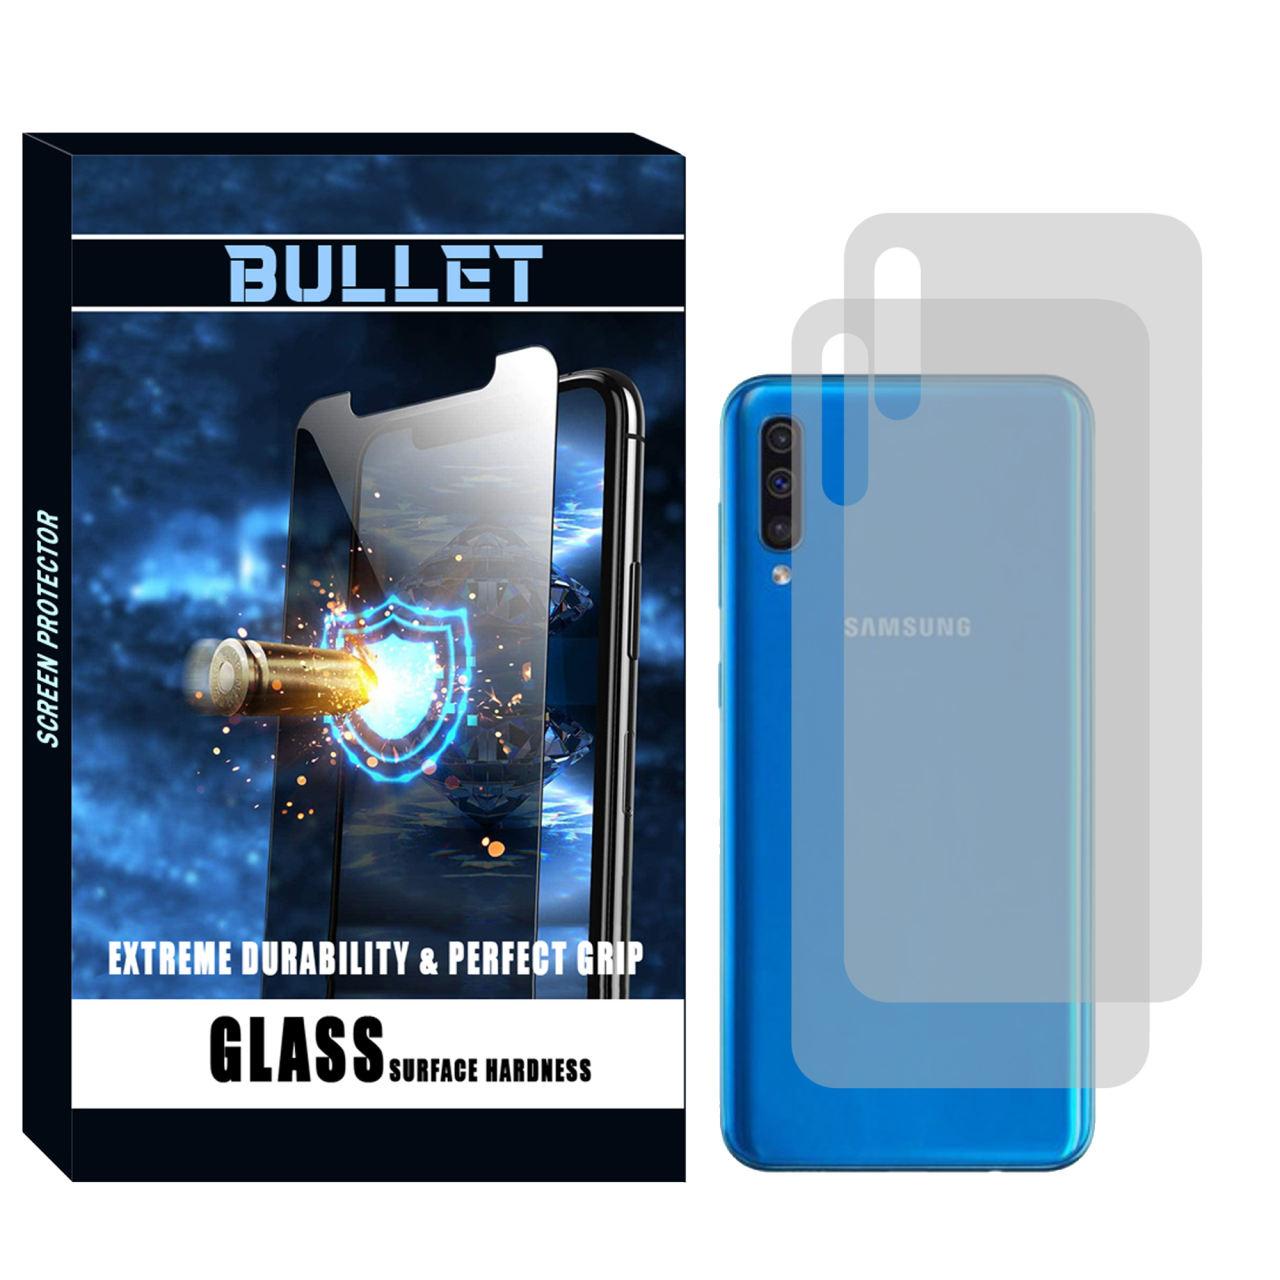 محافظ پشت گوشی بولت مدل BTI-02 مناسب برای گوشی موبایل سامسونگ GALAXY A70 بسته دو عددی